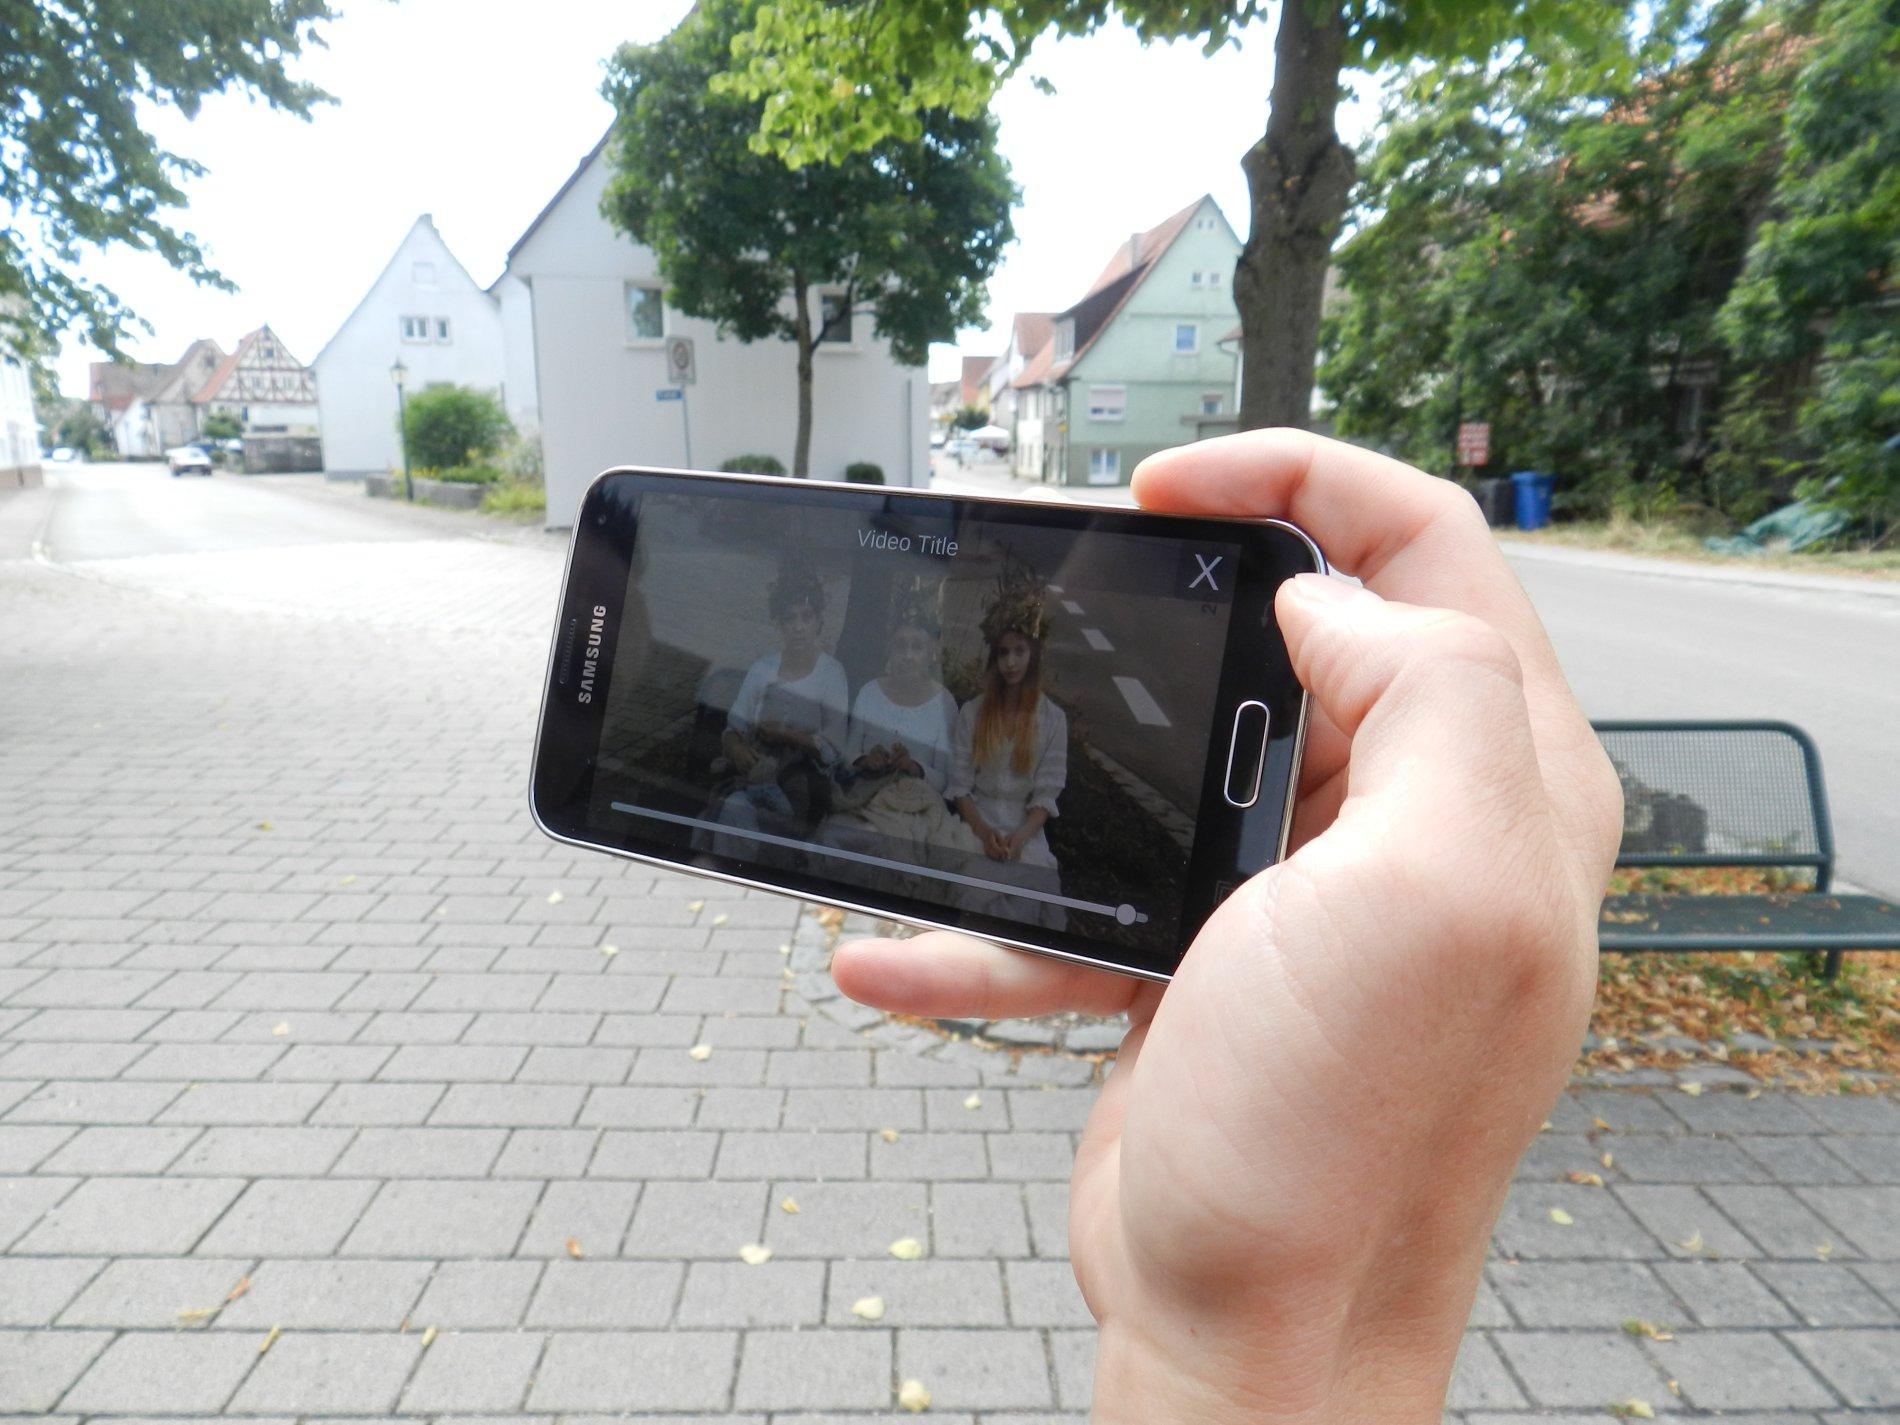 ein Video des Hikes läuft, im Hintergrund sieht man die Original-Location